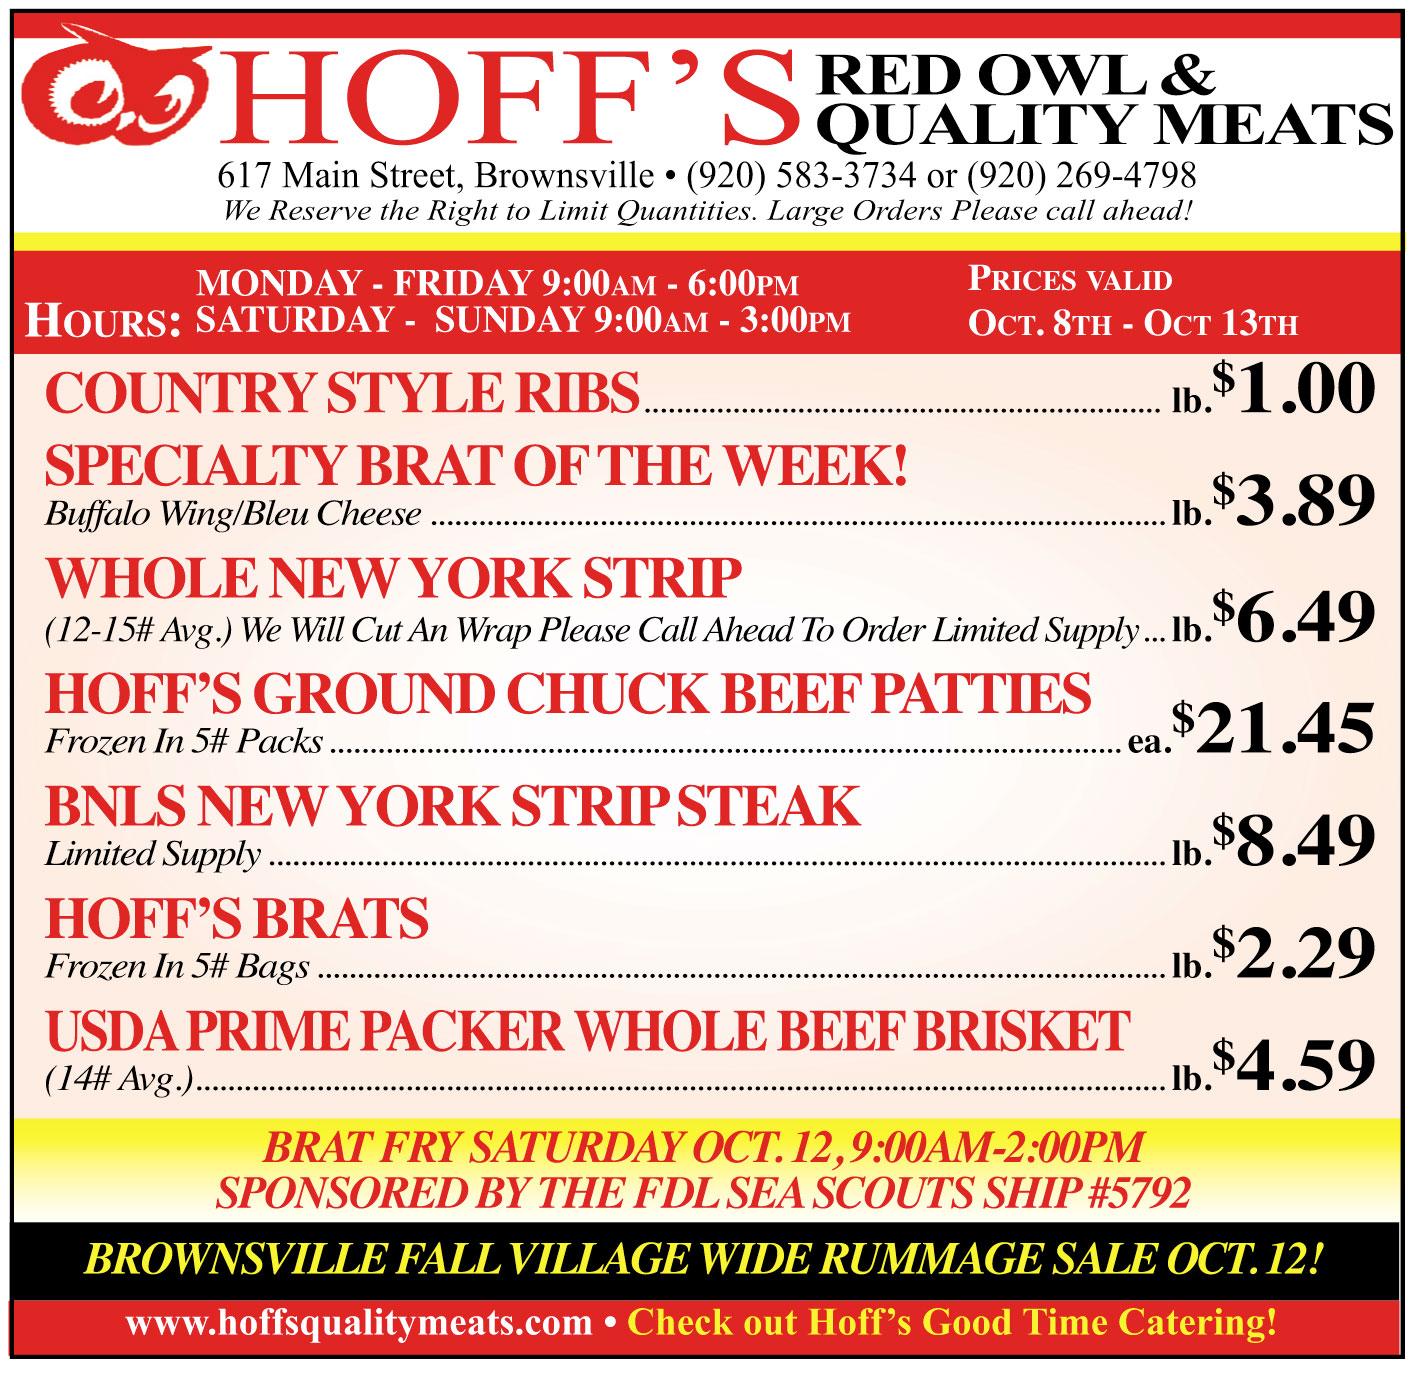 Hoff's